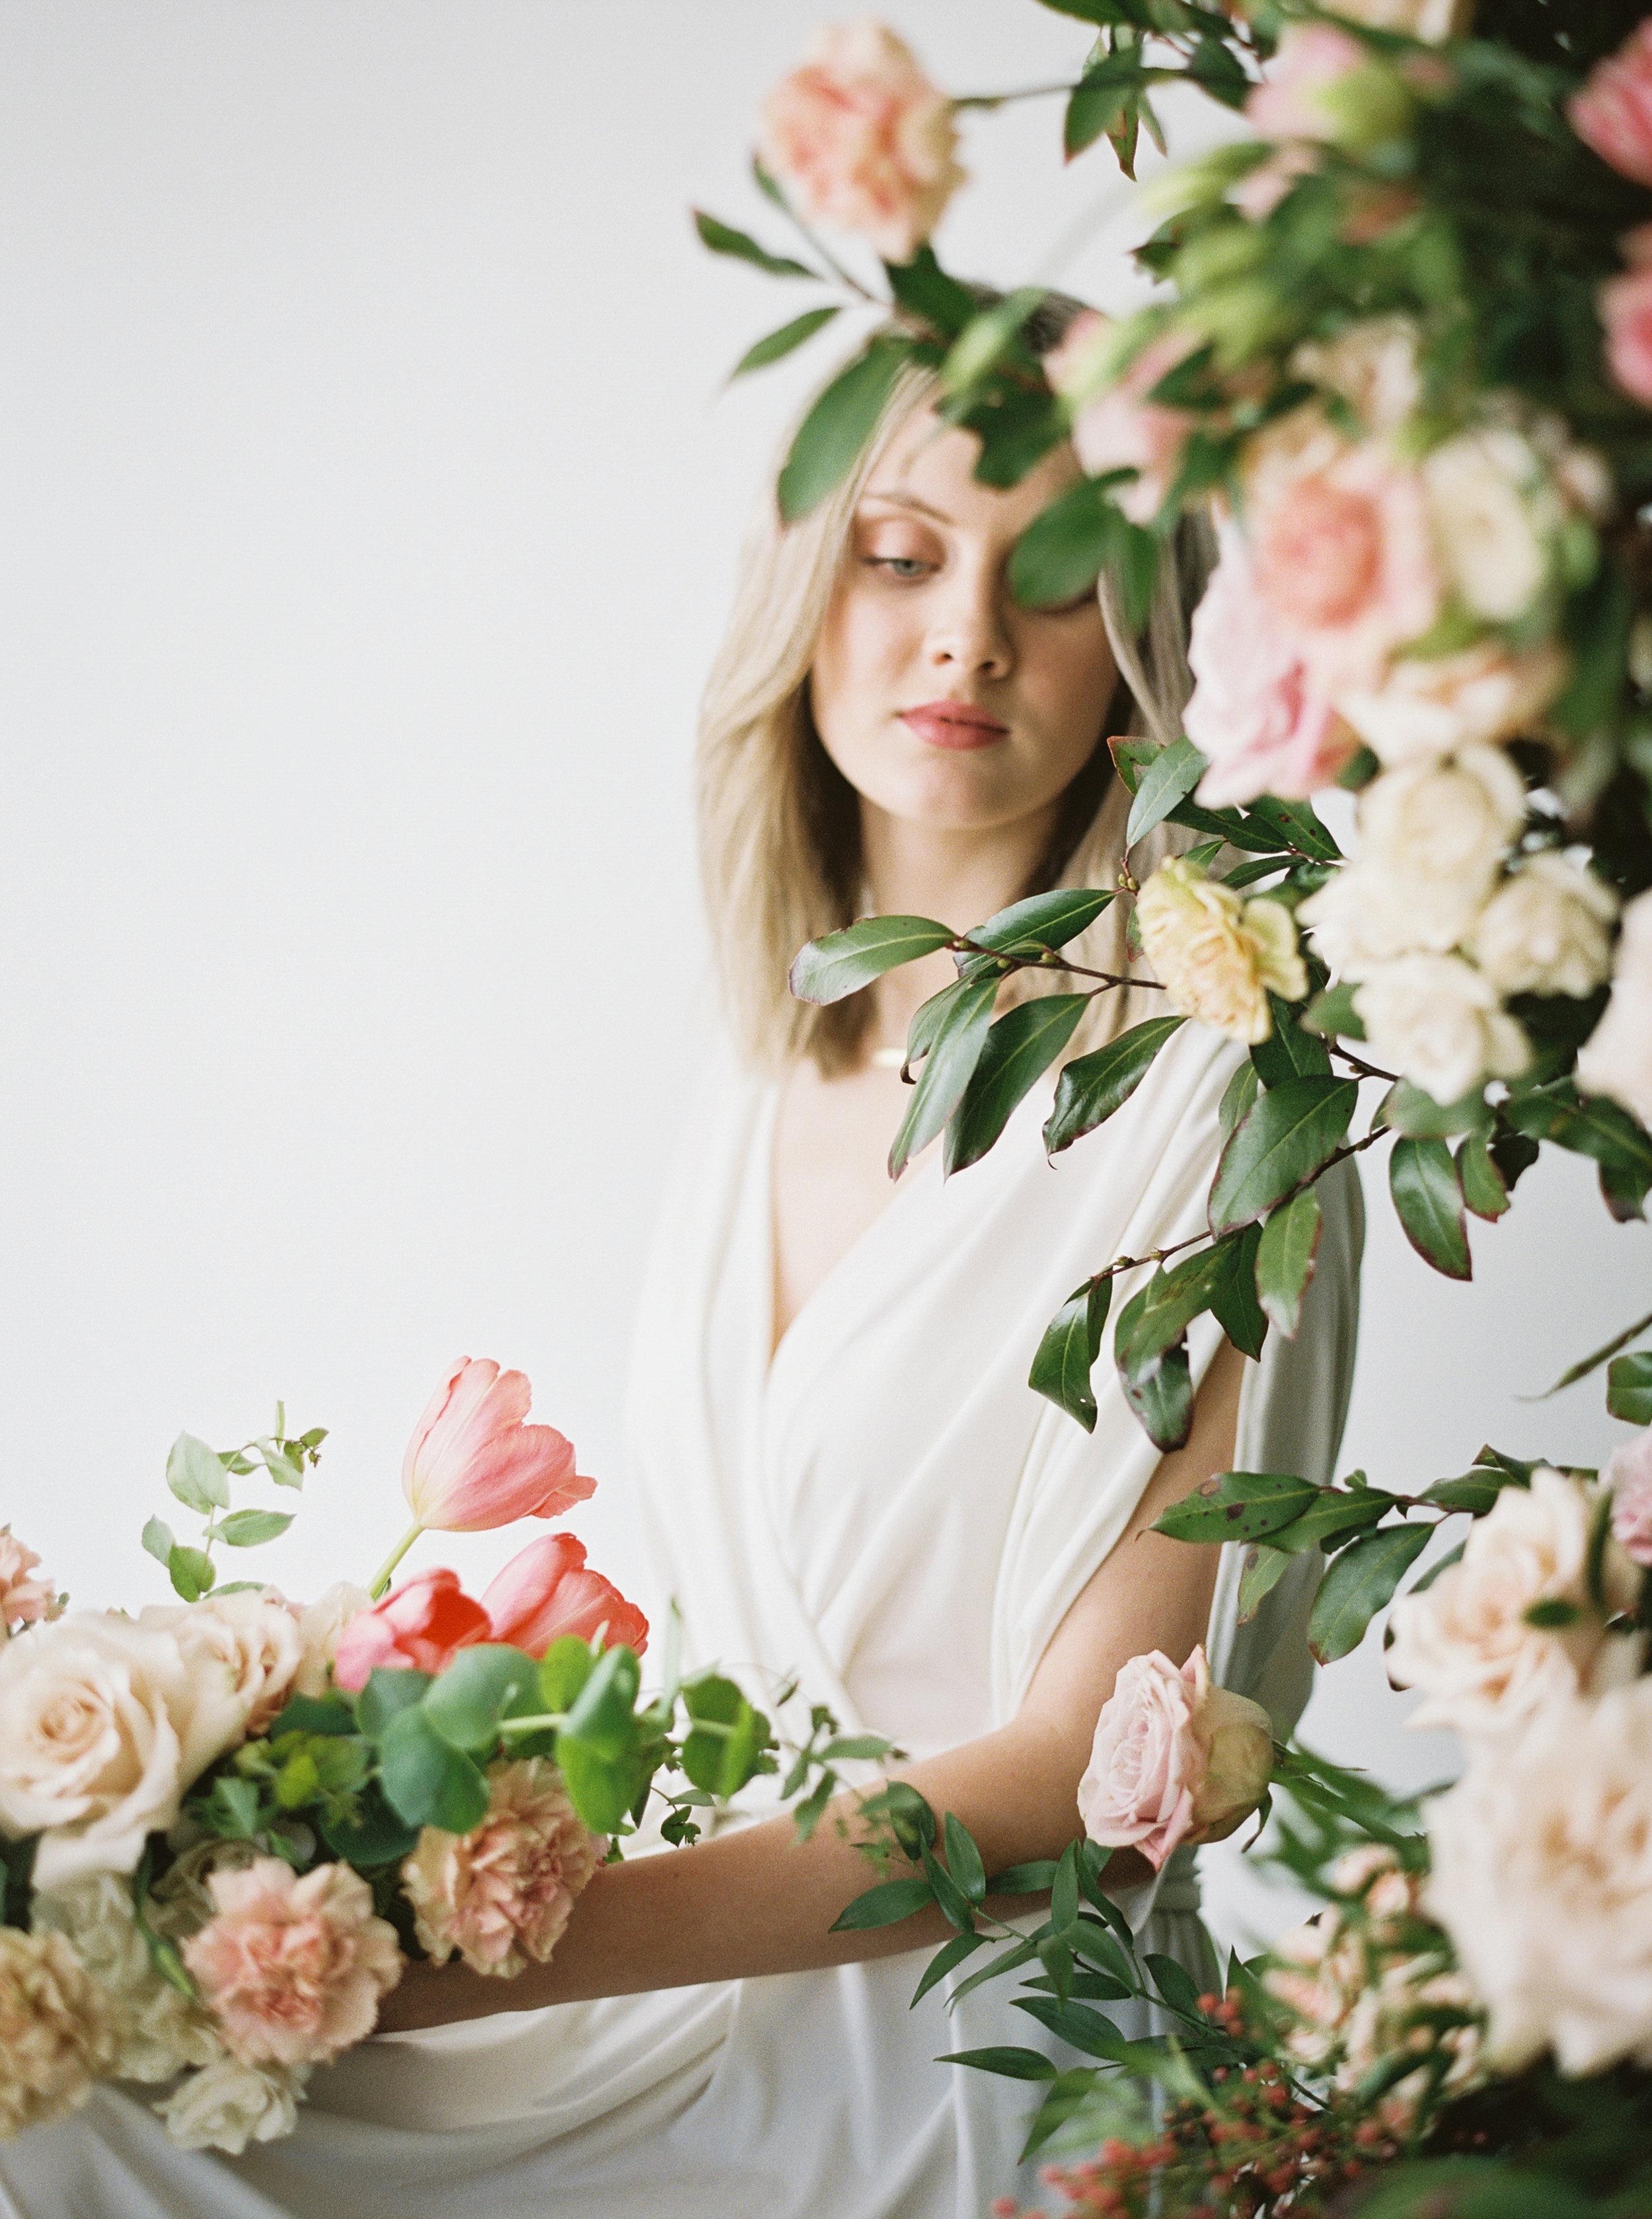 spring_flowers_tulips_pink_floridesigns (13 of 18).jpg